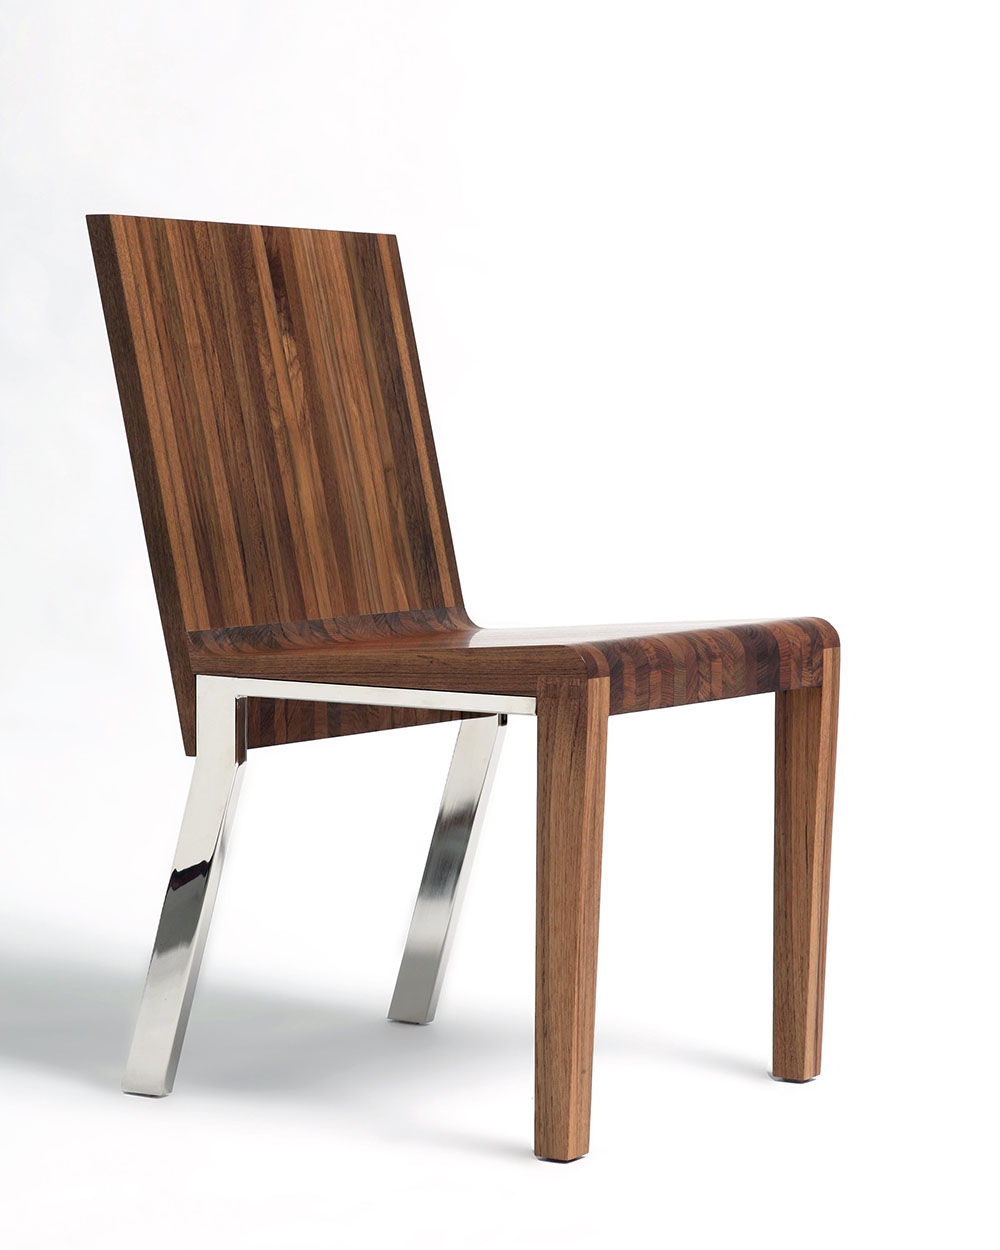 stacklab-design-custom-chair-wood-metal.jpg